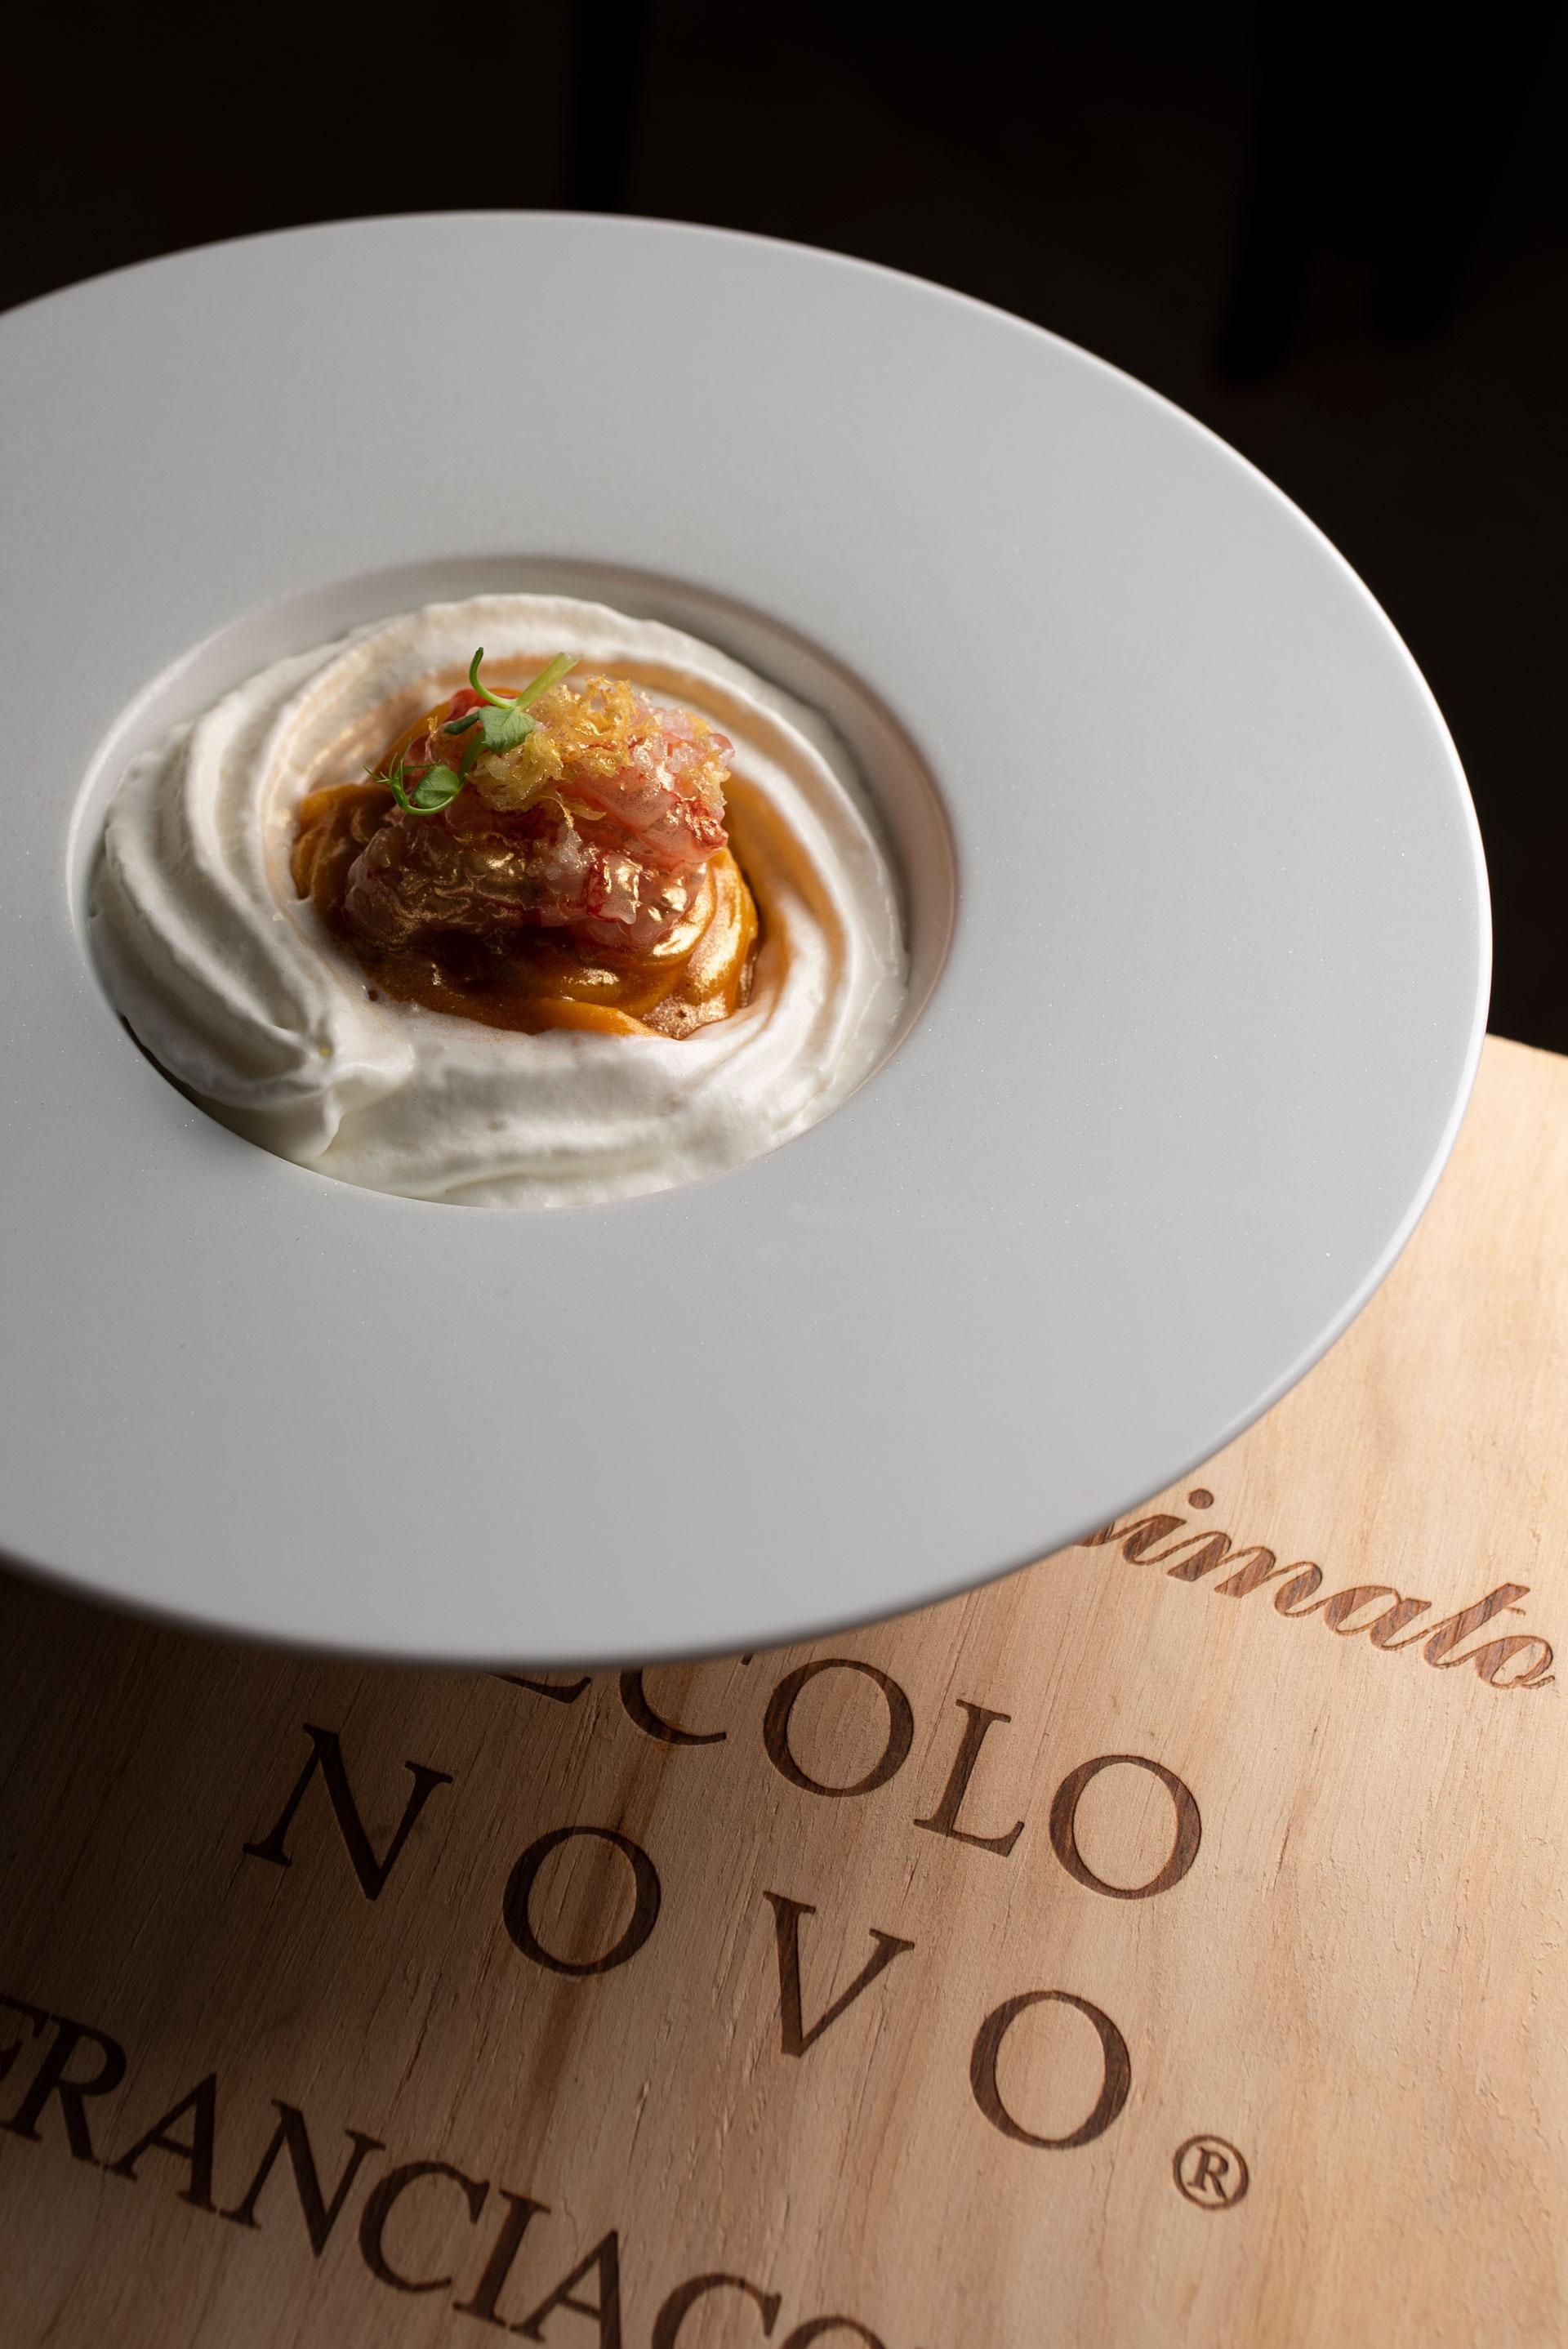 officina-visiva-foto-food-chef-andrea-fanti-croma-lago-05-web